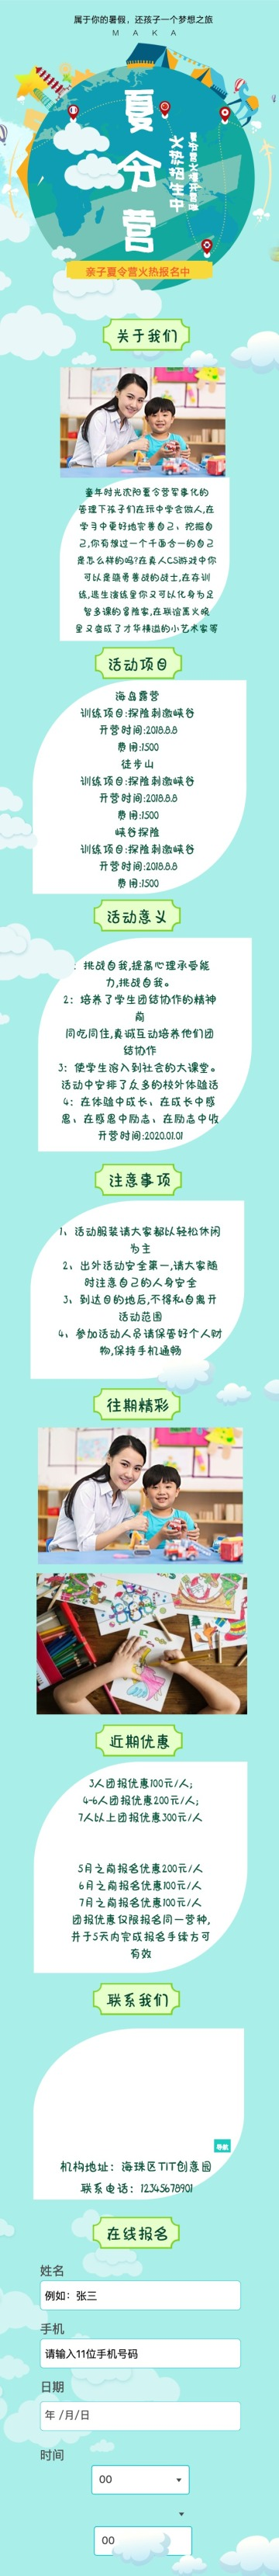 手绘卡通绿色教育夏令营招生推广介绍单页